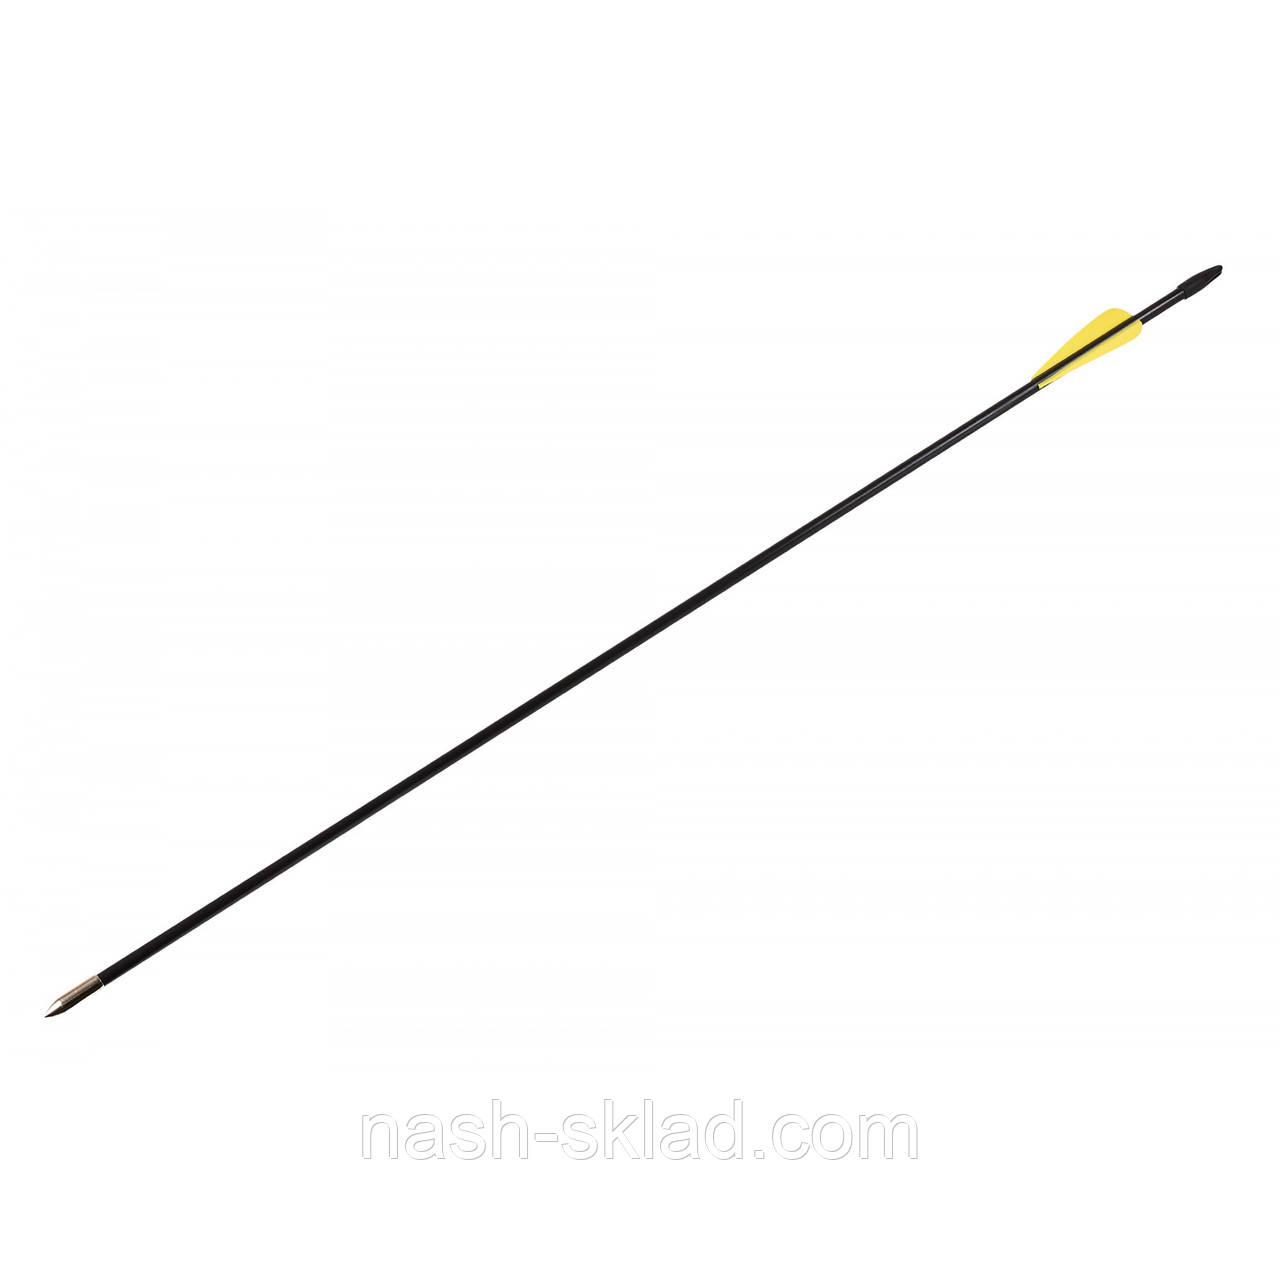 Стрела стекловолокно 80см, фиберглаcсовая  для классических и блочных луков